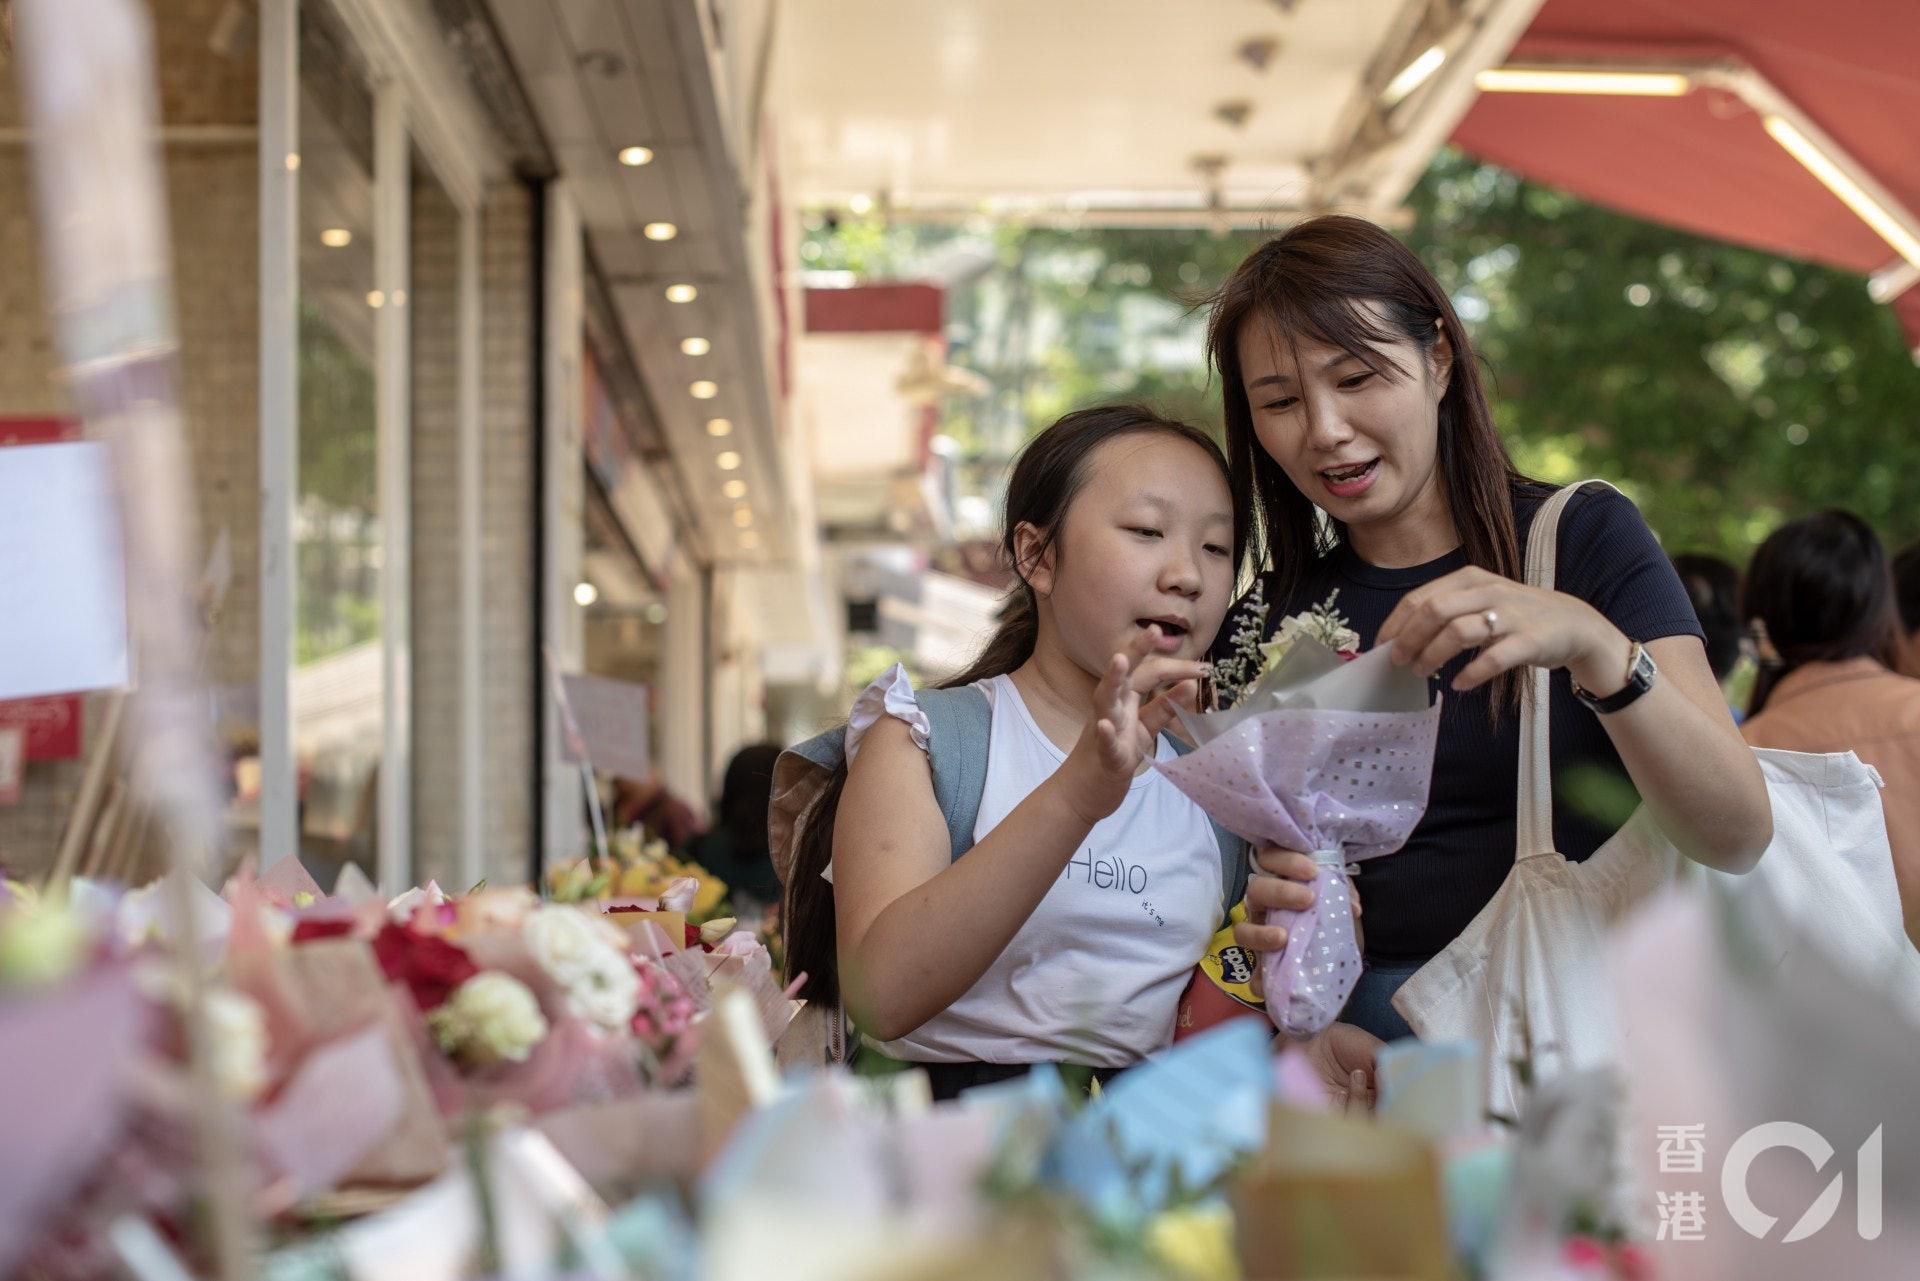 不少人買康乃馨送給媽媽,表達謝意。(方家遠攝)